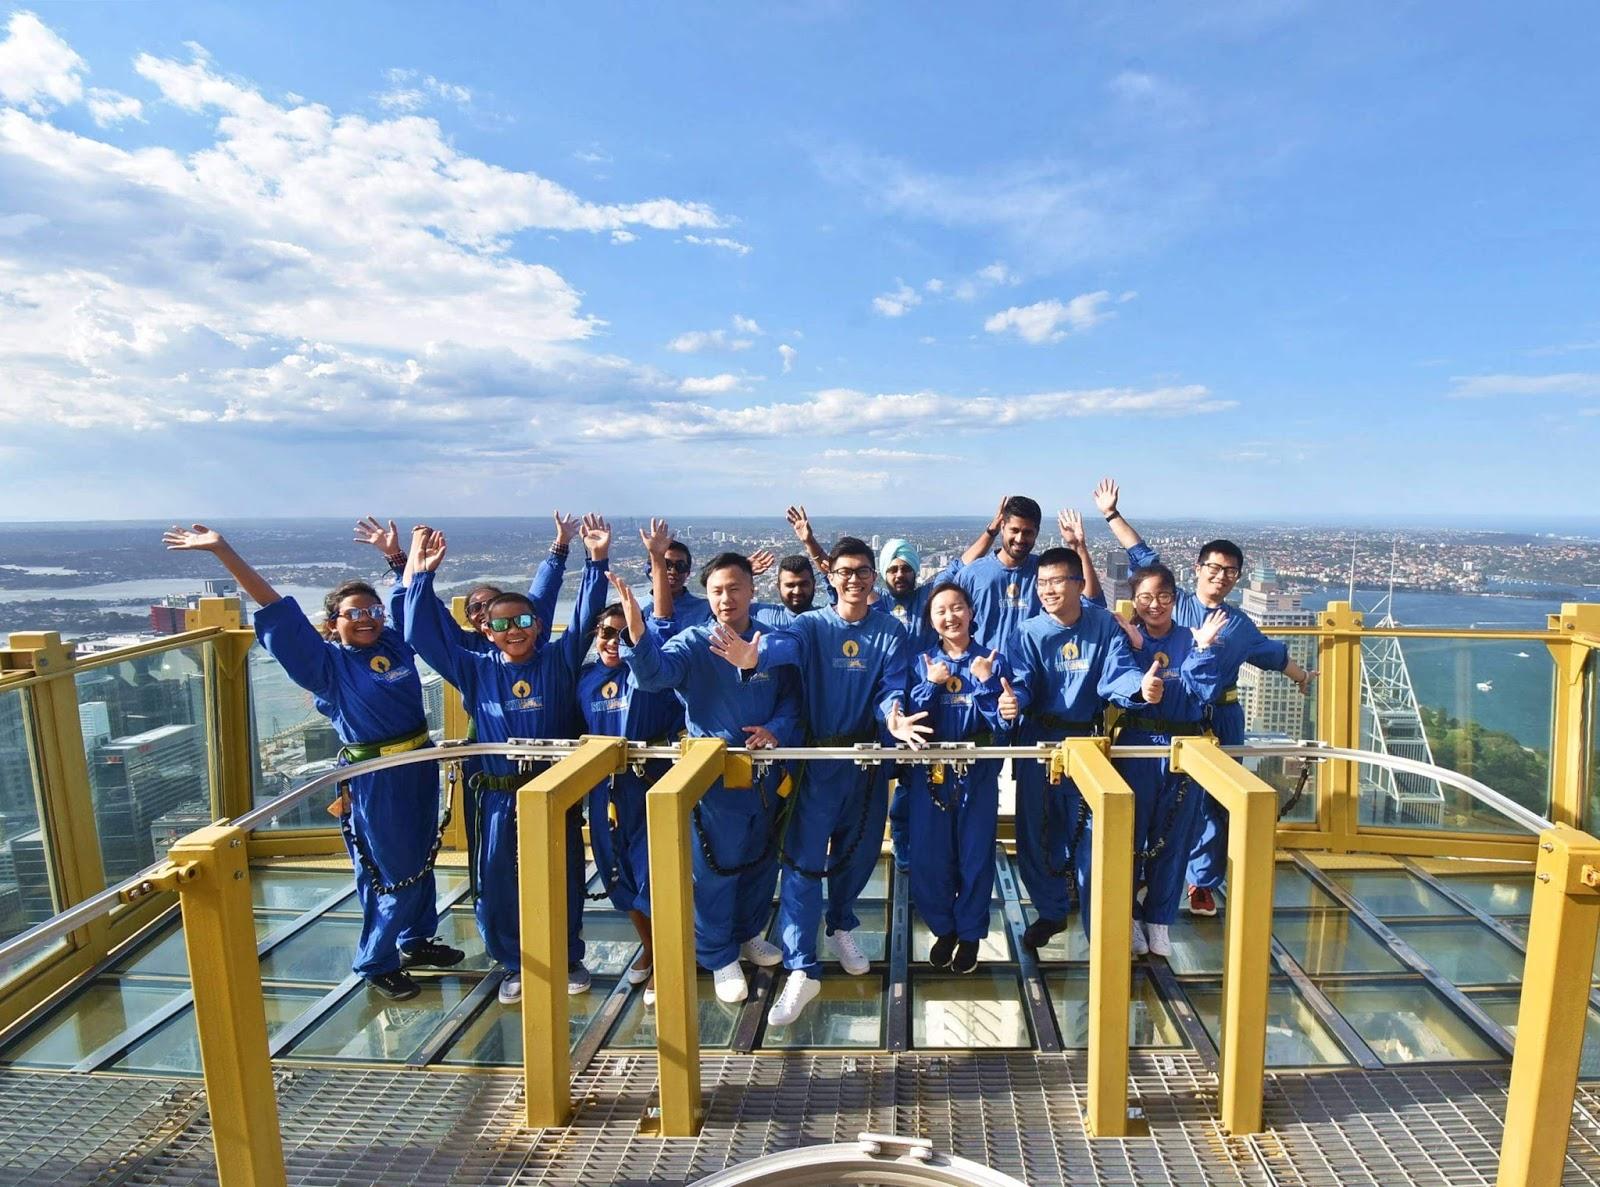 雪梨-雪梨景點-市區-推薦-雪梨必玩景點-雪梨必遊景點-雪梨塔-天空漫步-雪梨旅遊景點-雪梨自由行景點-悉尼景點-澳洲-Sydney-Tourist-Attraction-Tower-Eye-Skywalk-Travel-Australia